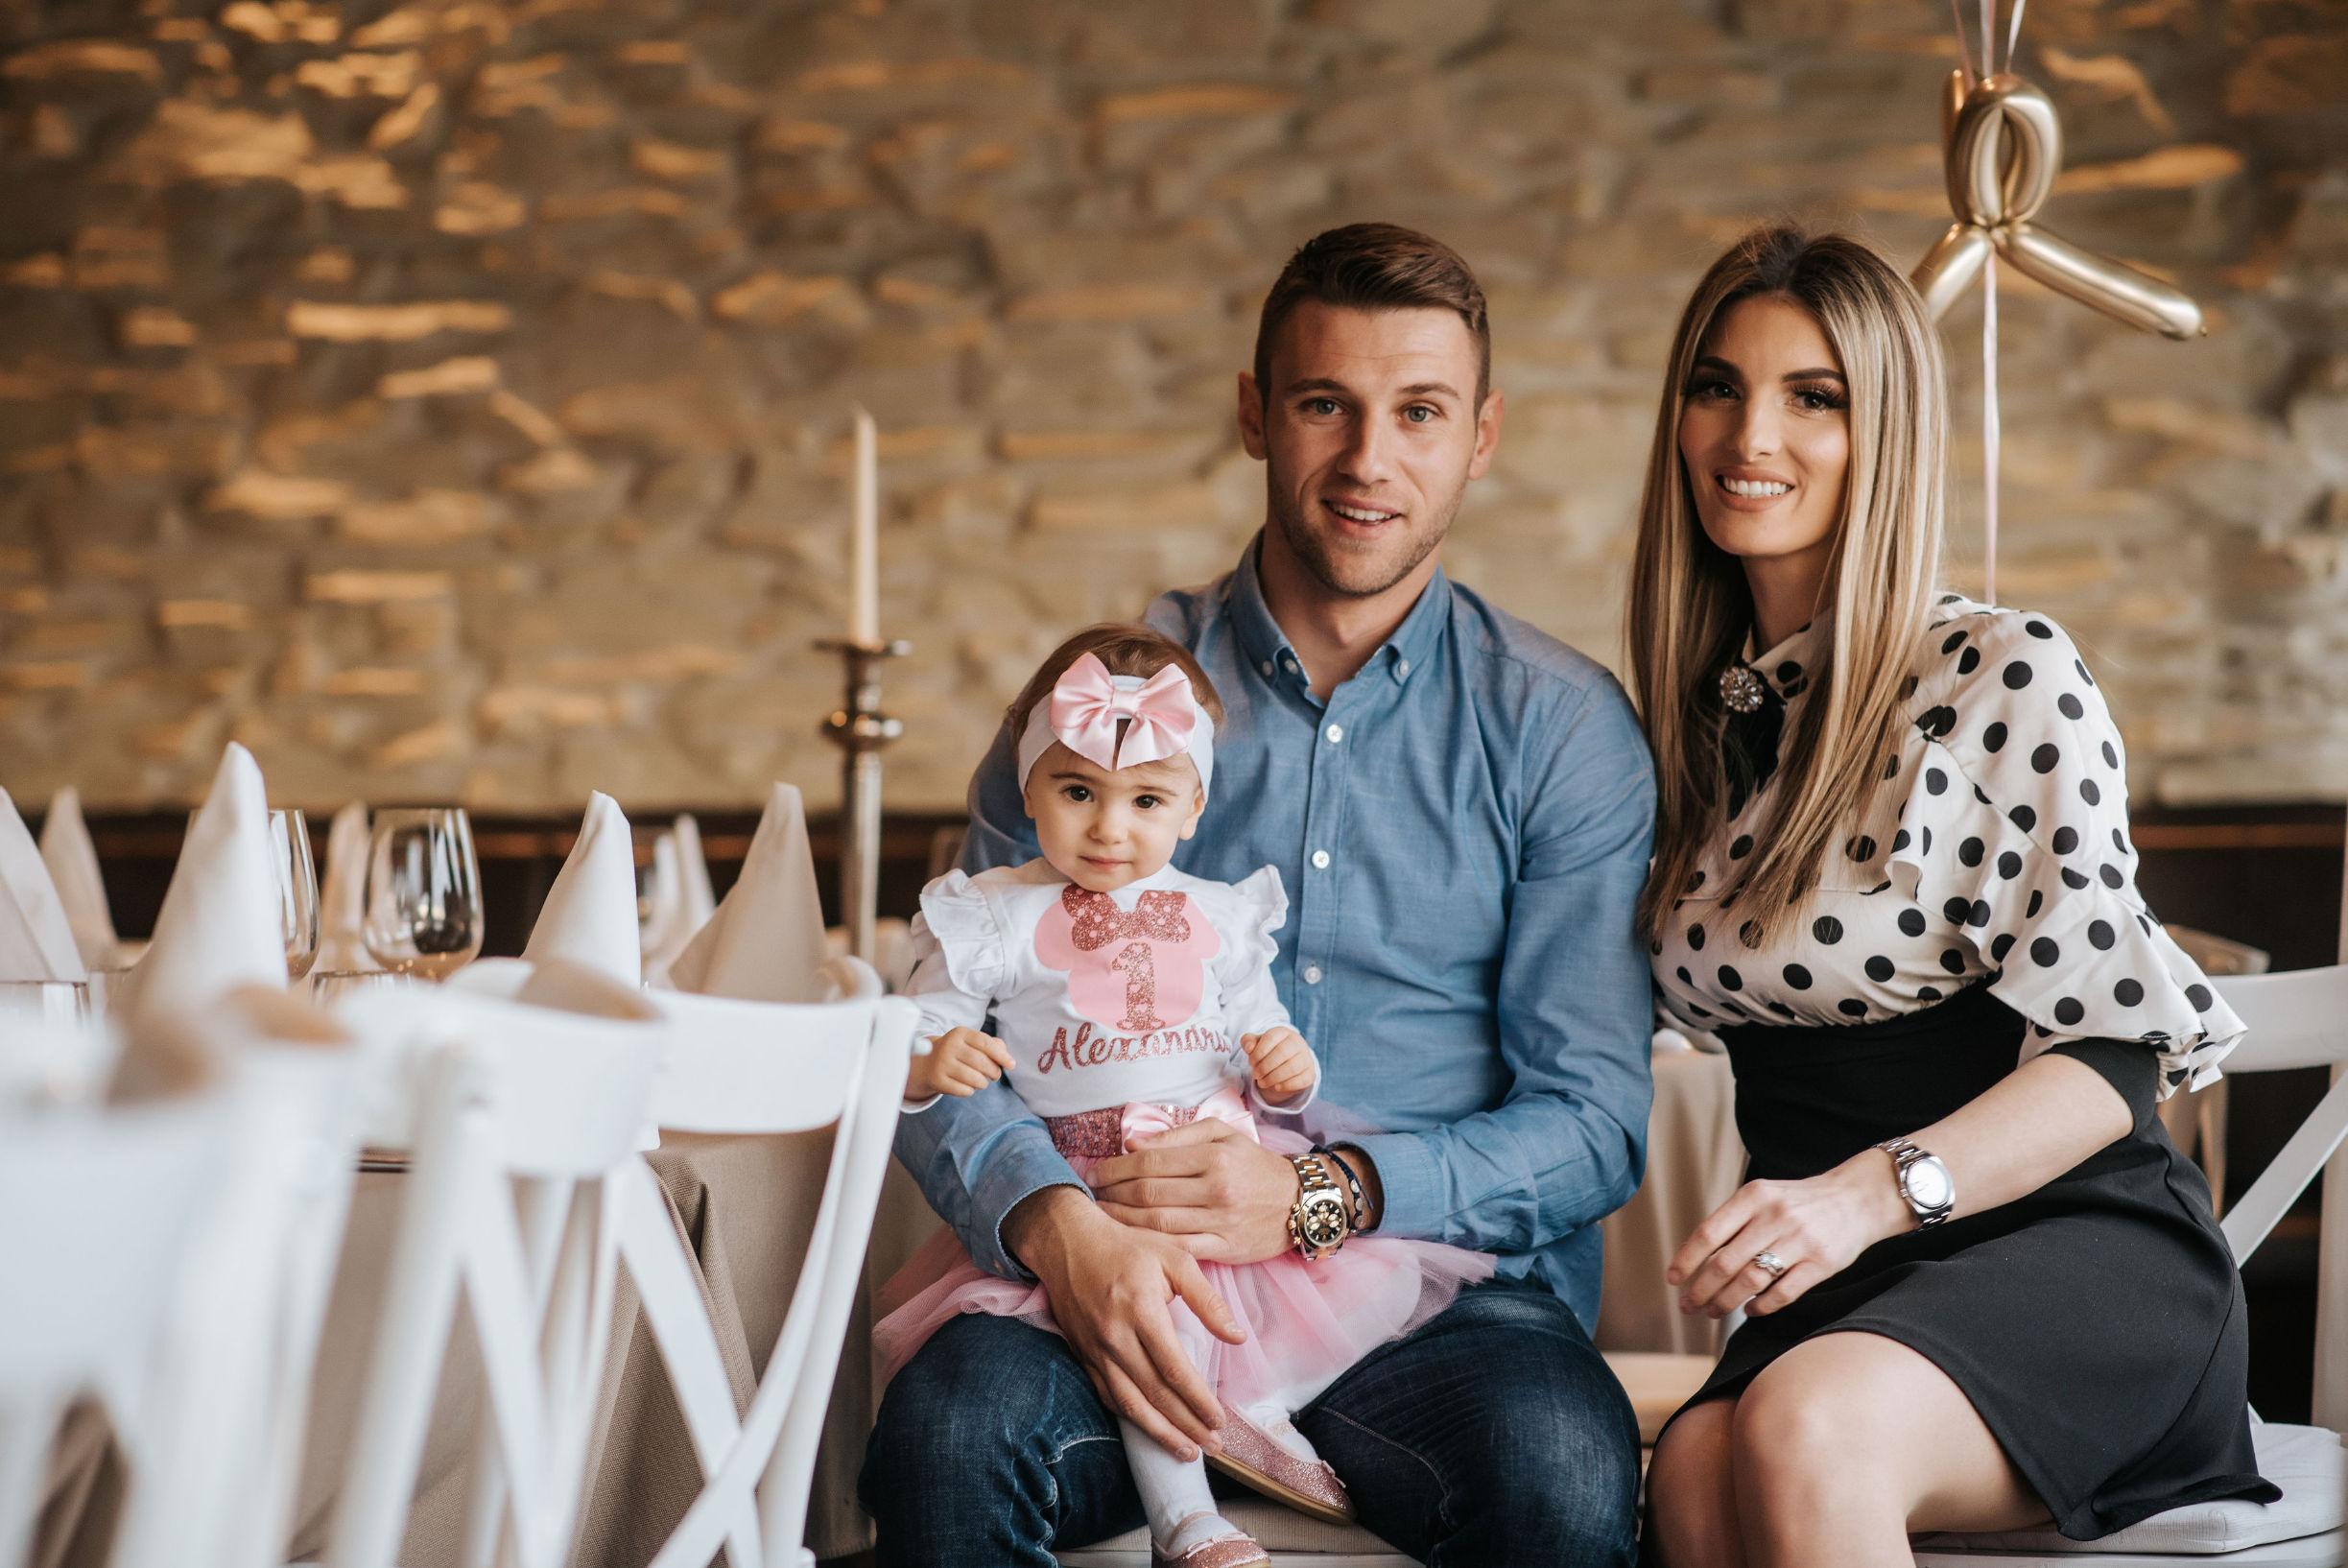 Mario i Anita Musa s kćerkicom Alexandrom povodom njezinog prvog rođendana